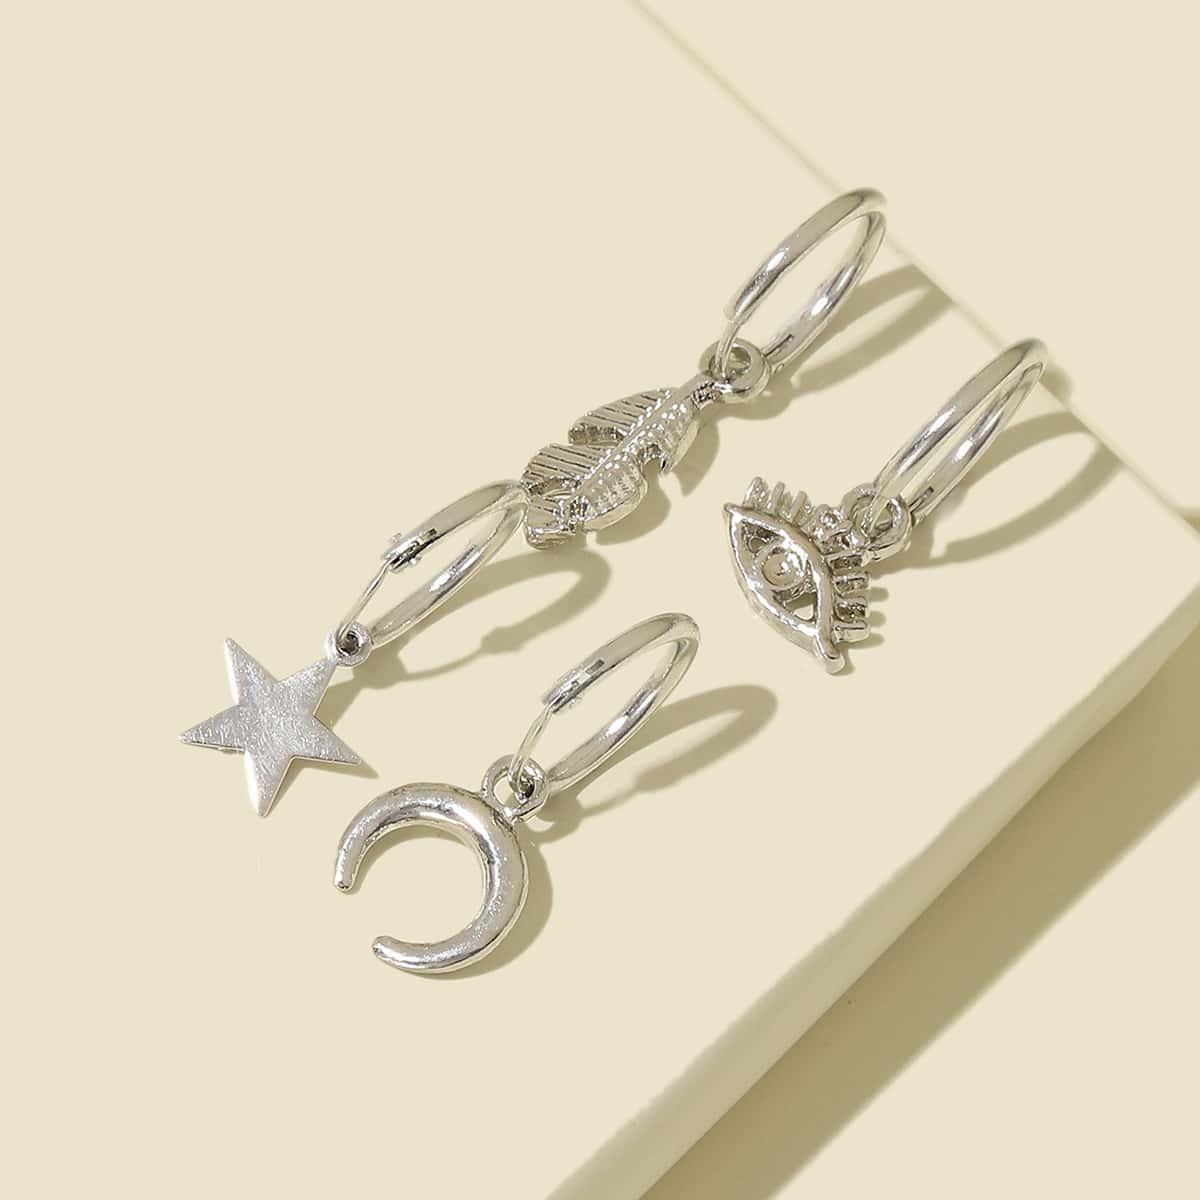 4pcs Star & Eye Drop Earrings